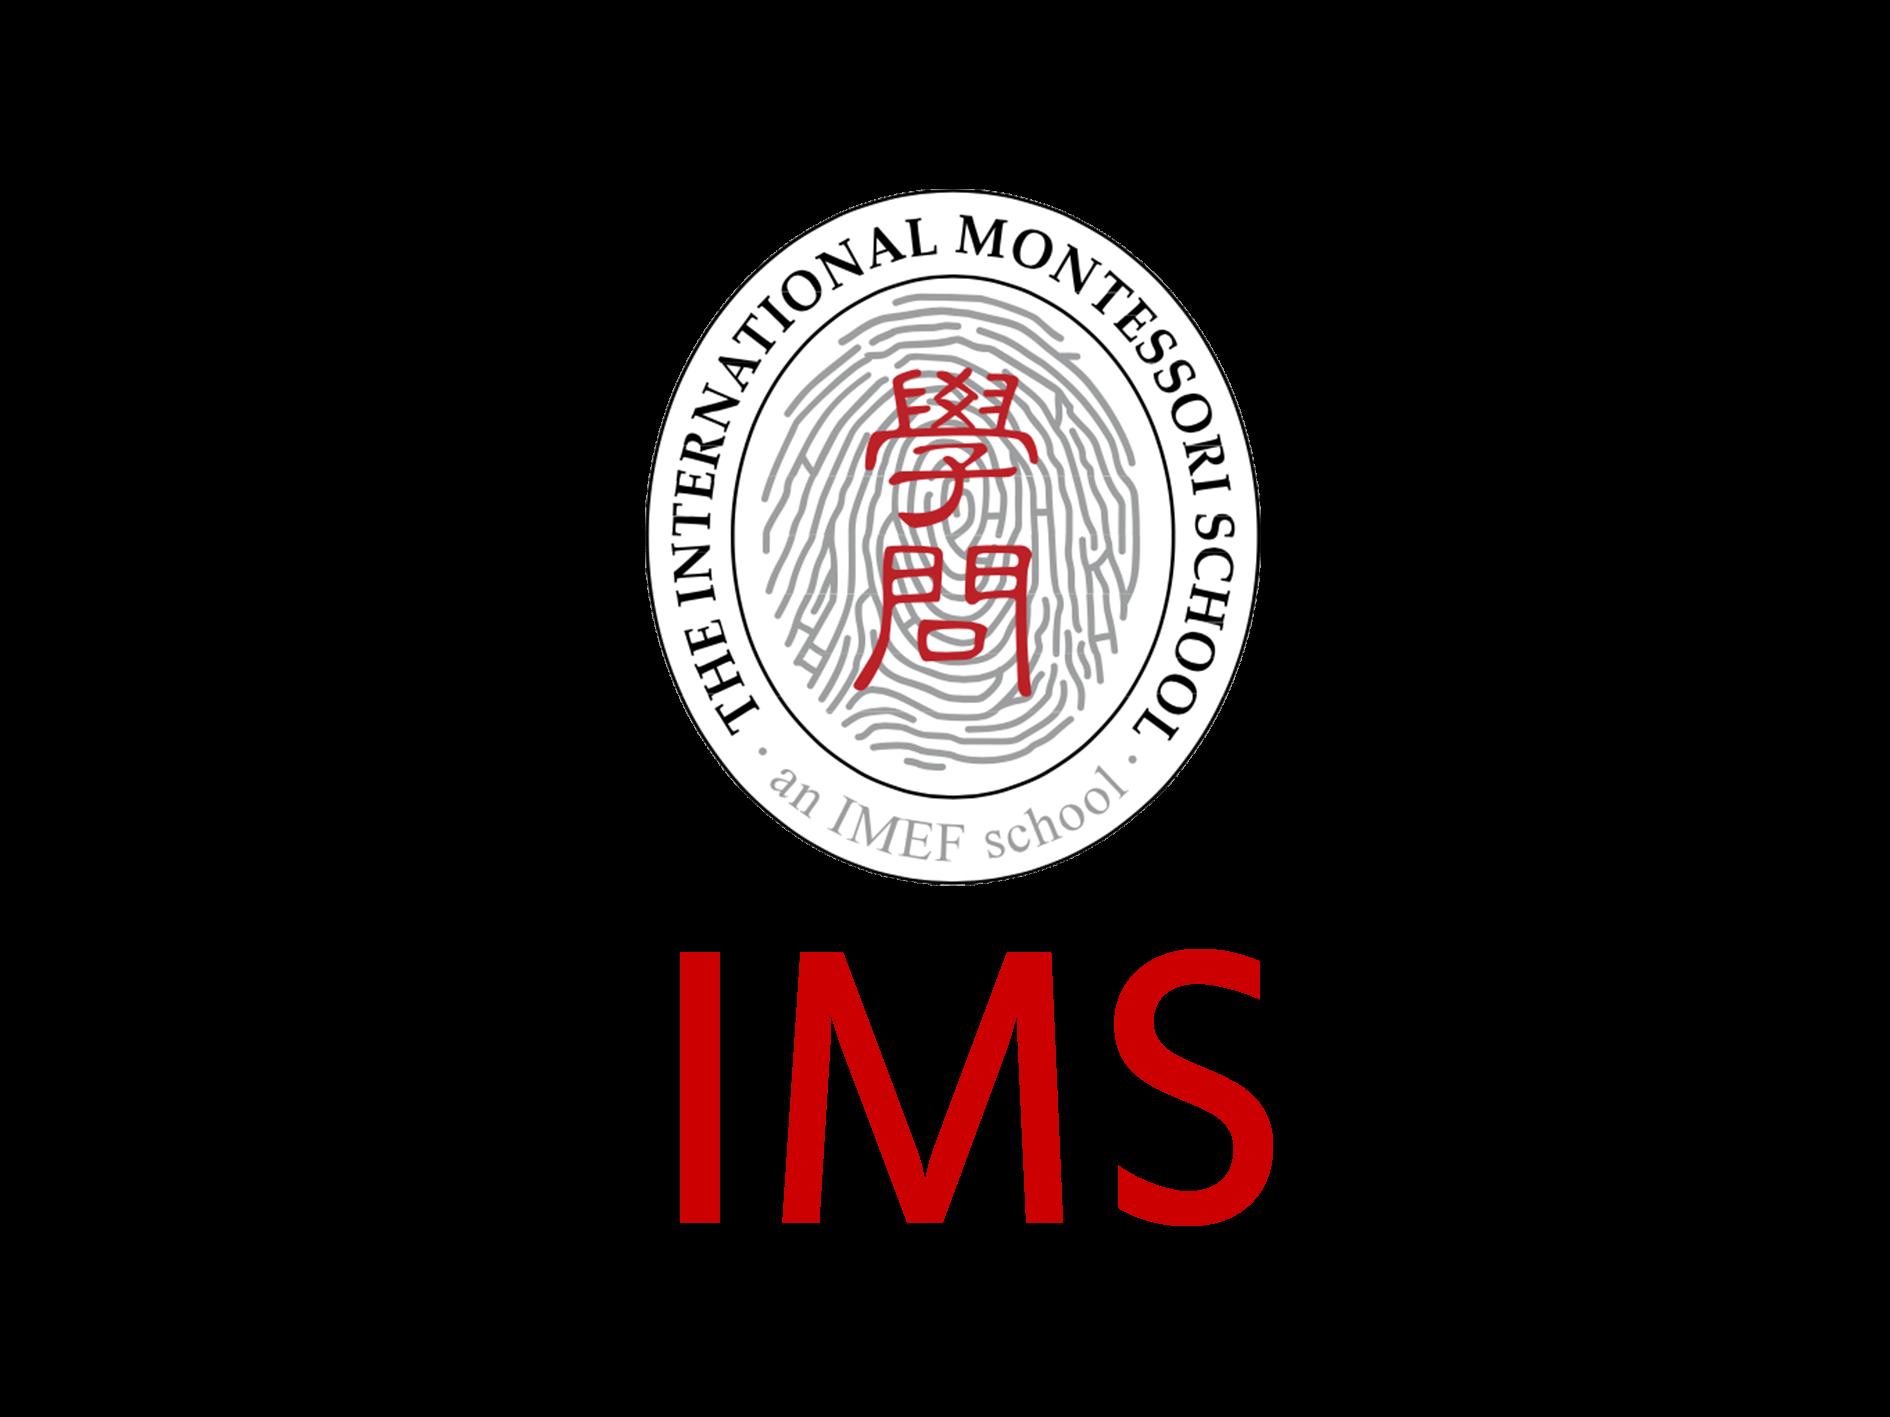 蒙特梭利國際學校(赤柱)校徽